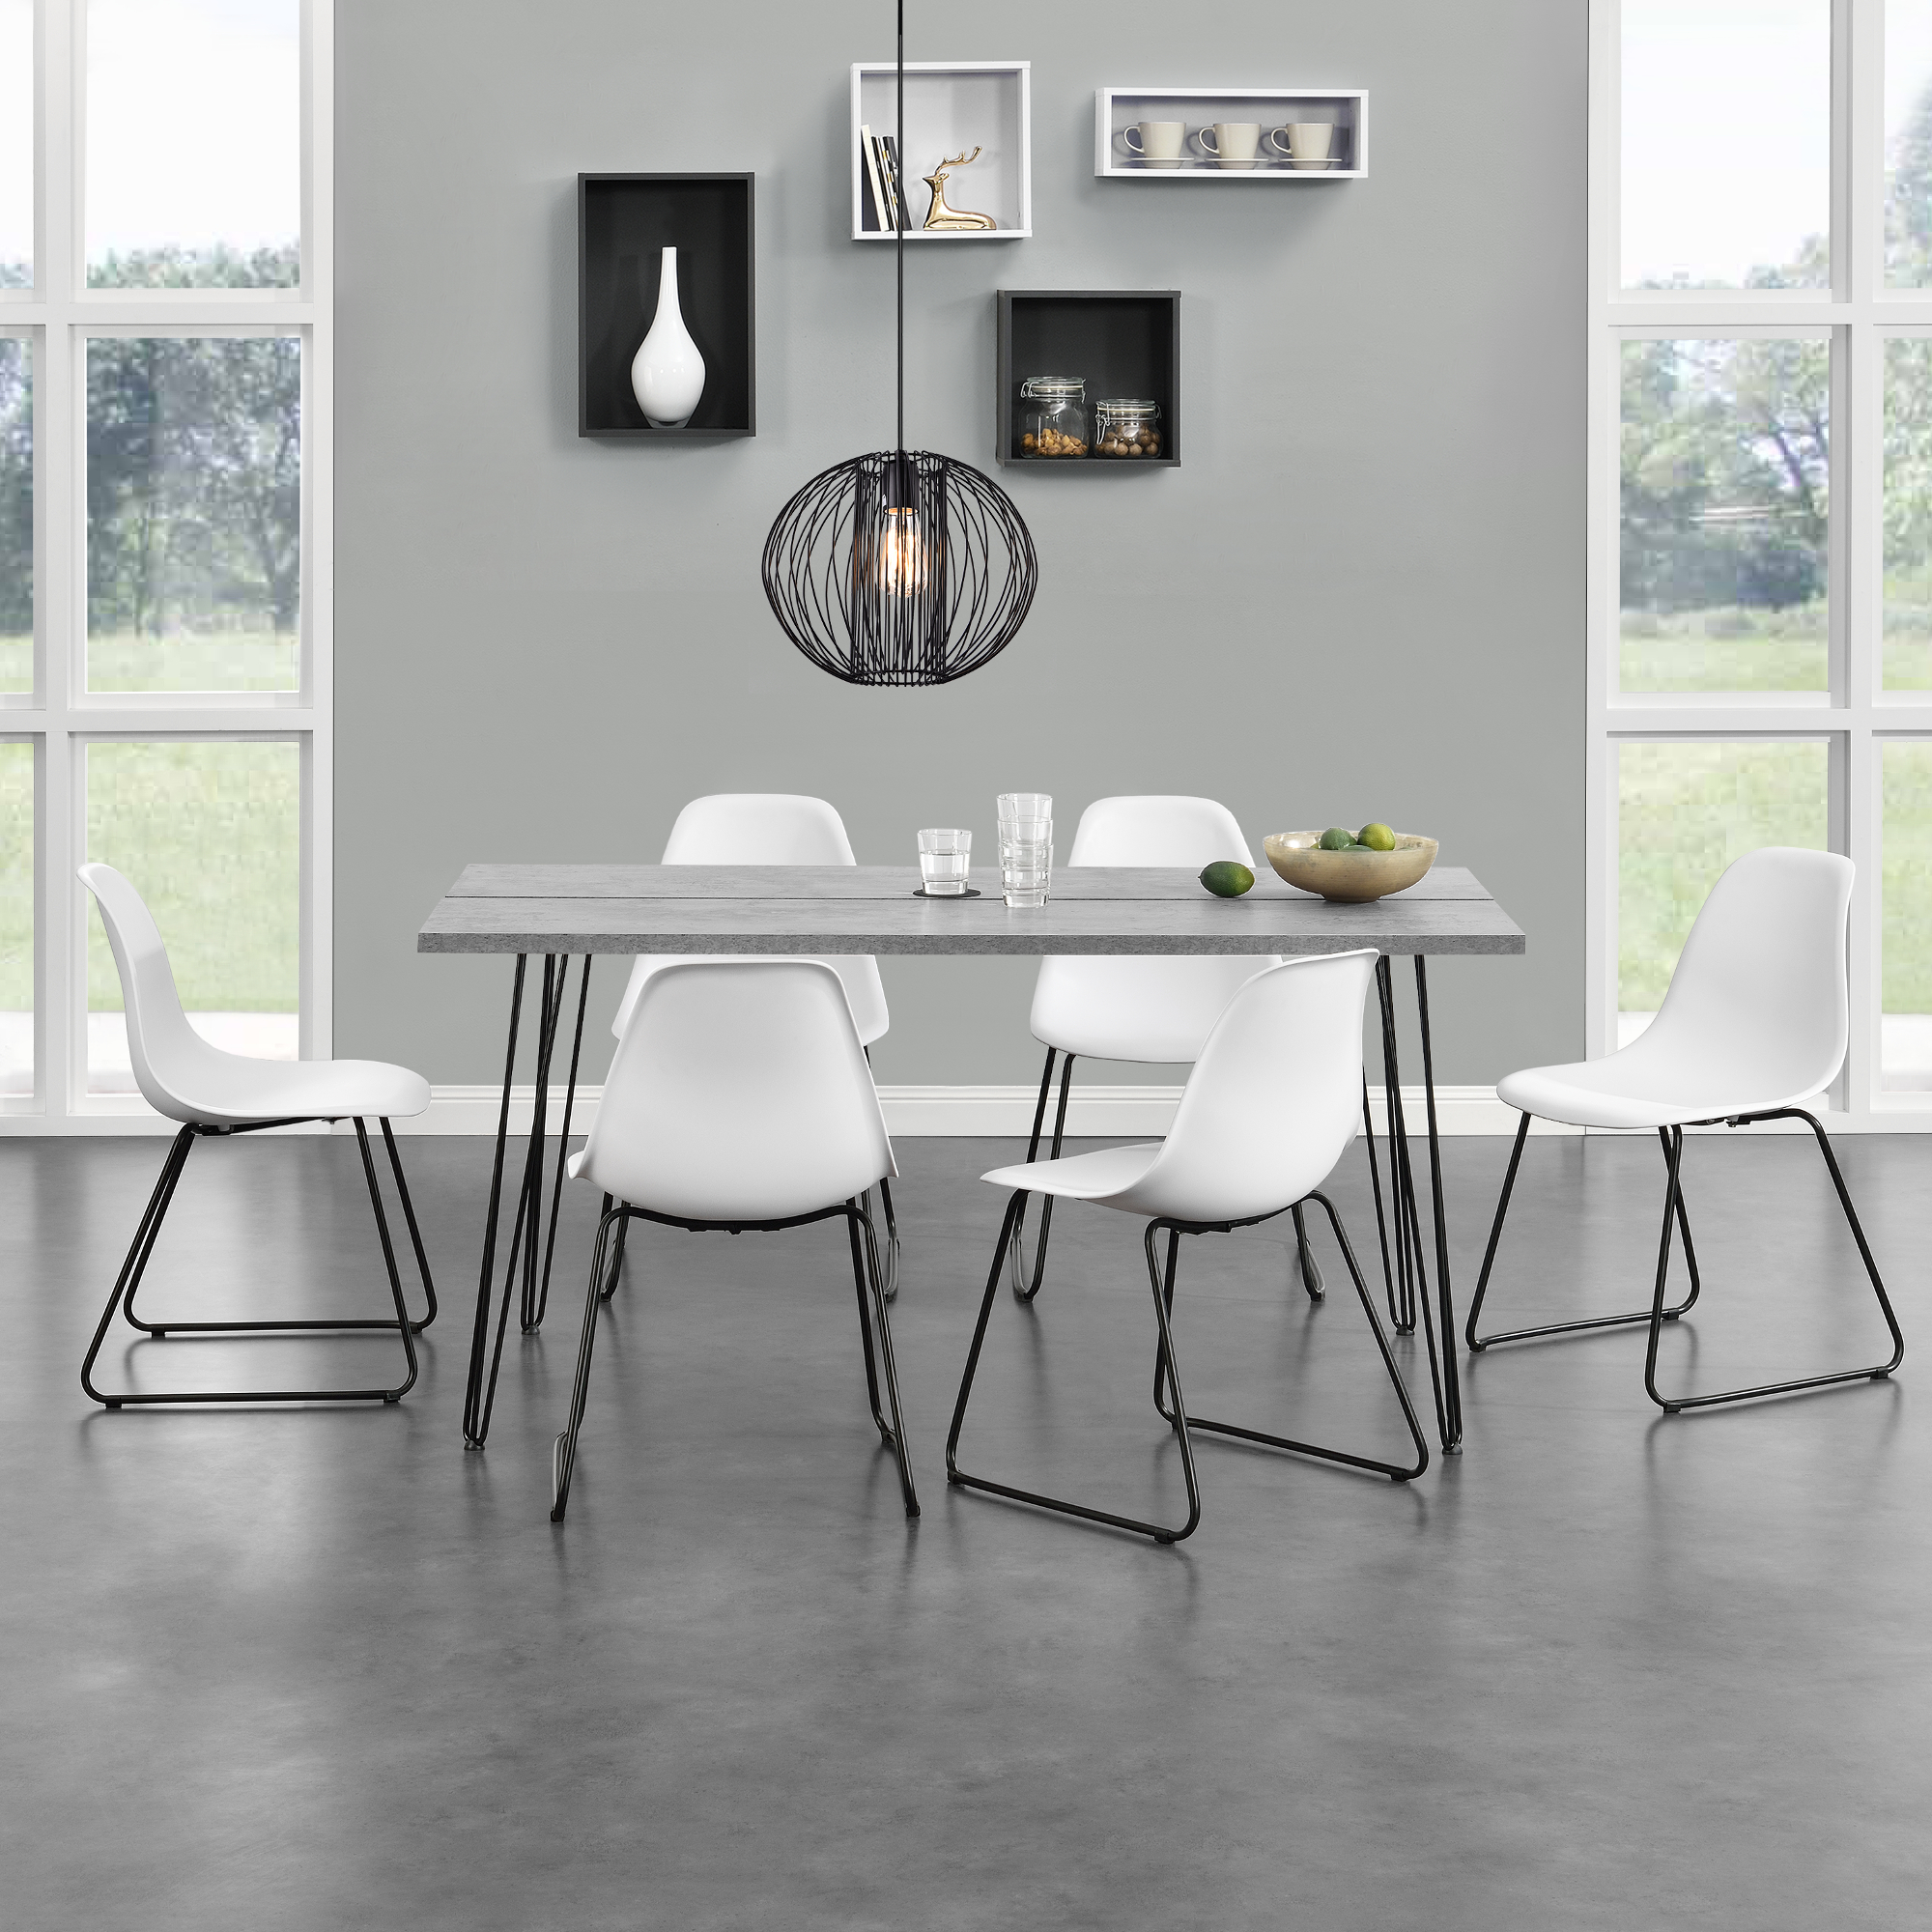 esstisch 120x60cm 160x75cm k chentisch esszimmer tisch hairpin legs ebay. Black Bedroom Furniture Sets. Home Design Ideas